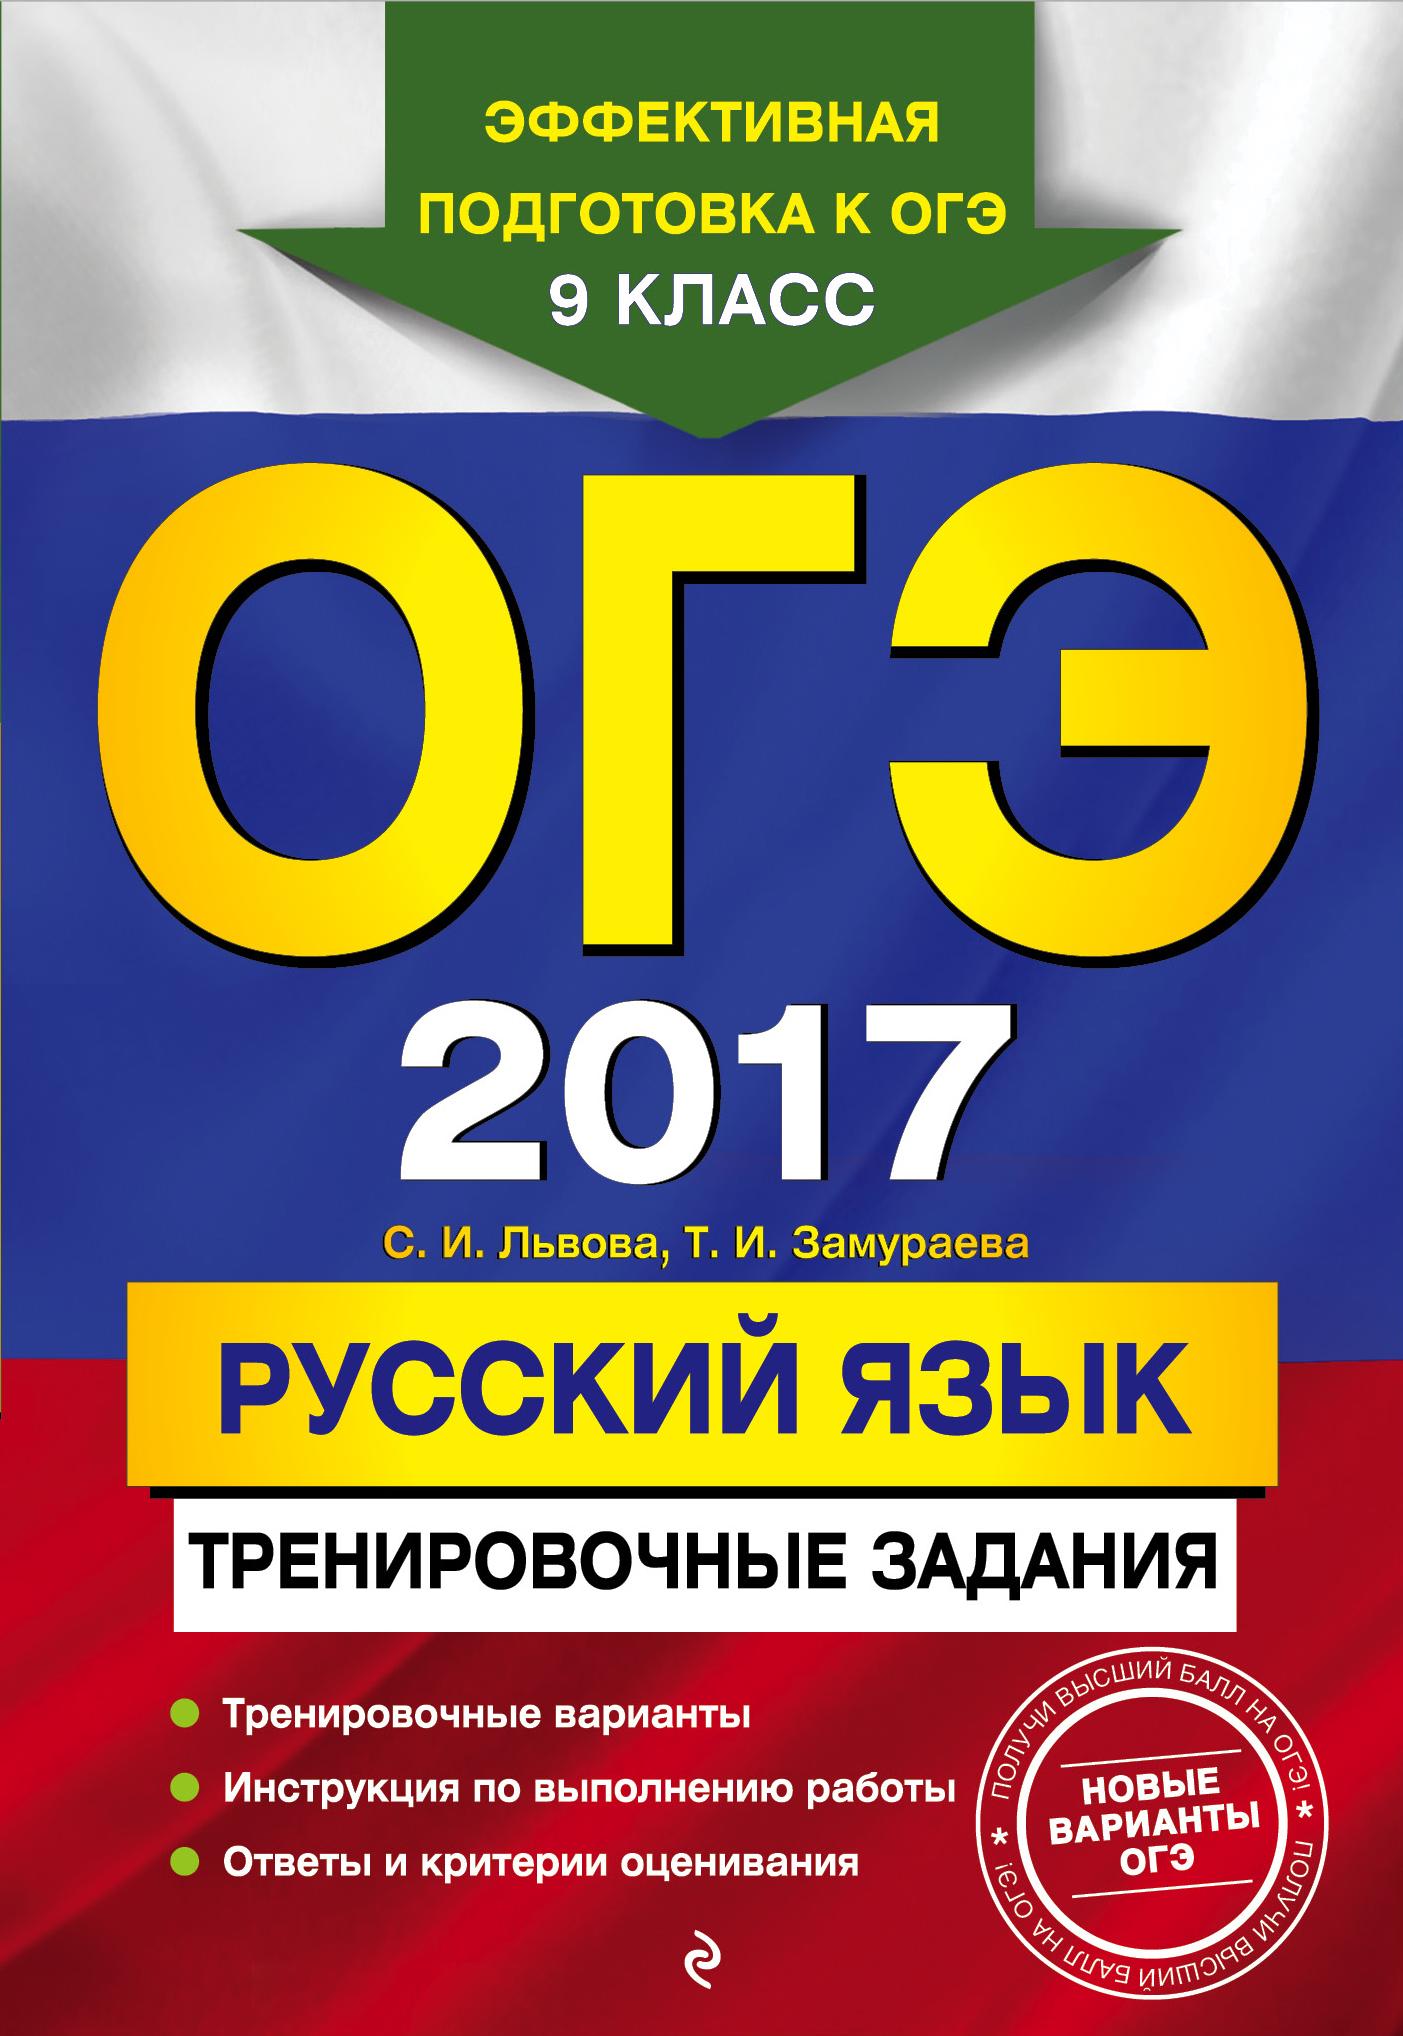 ОГЭ-2017. Русский язык: тренировочные задания